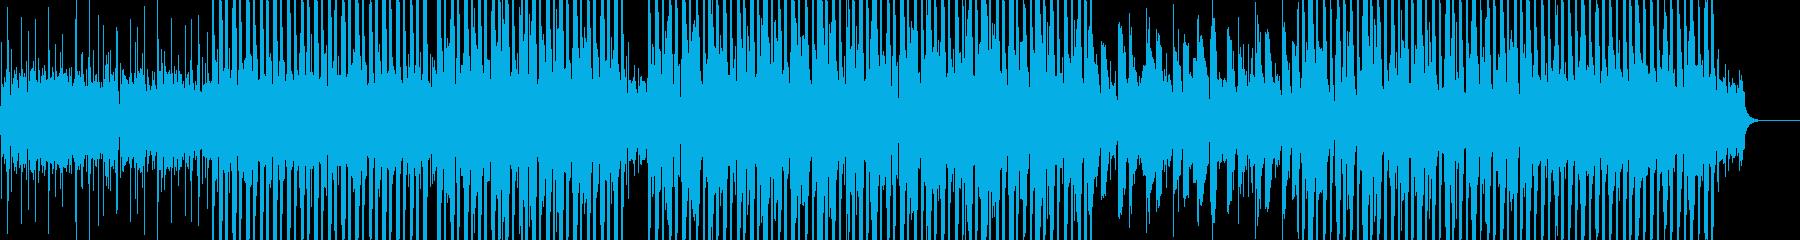 ゆったり4つ打ち 甘いギターアルペジオの再生済みの波形